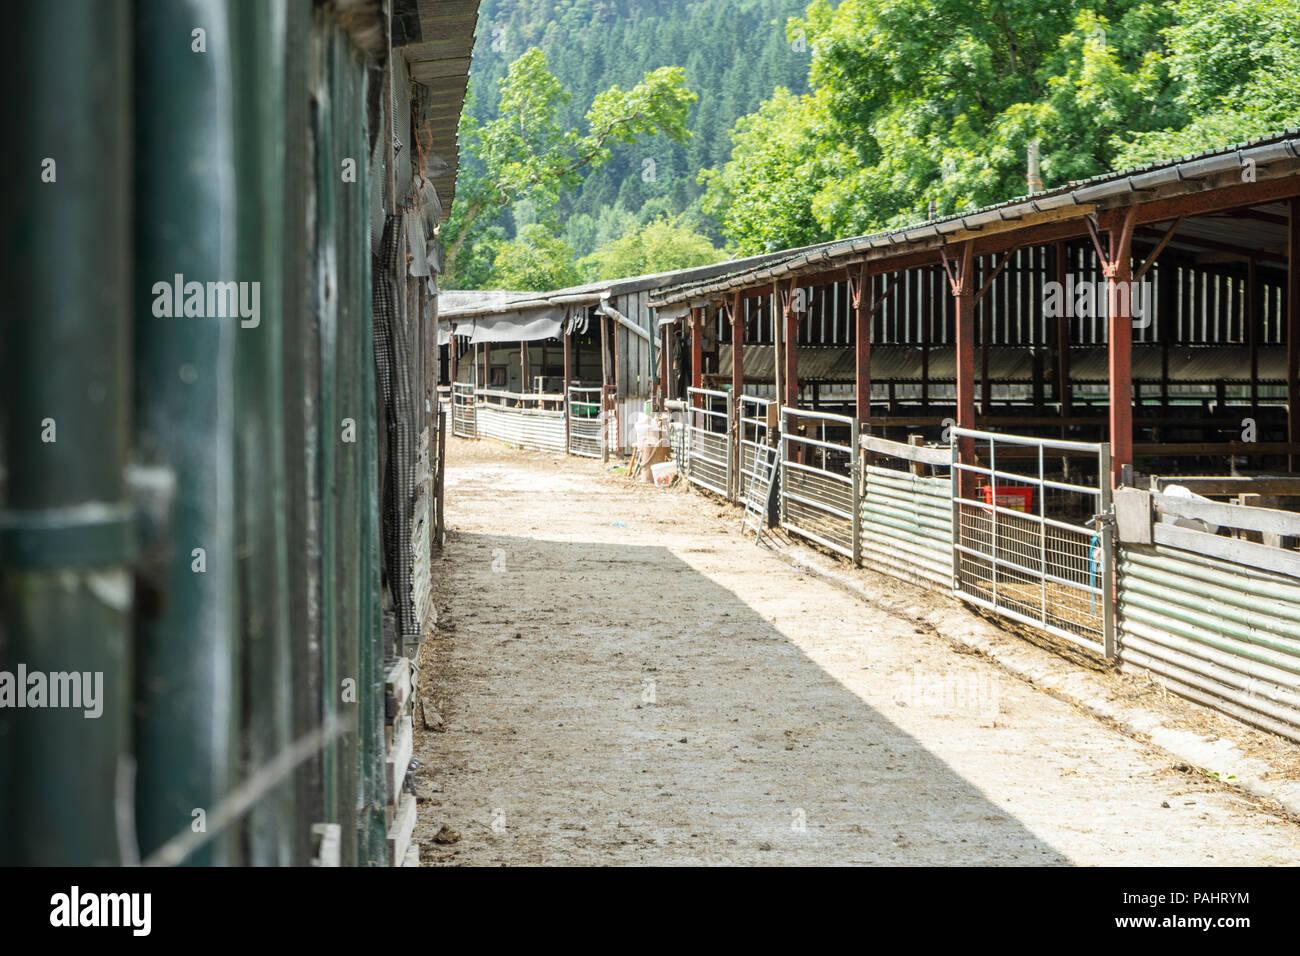 Farm Yard shot avec open bovins / ovins cabanes / stables, avec des clôtures et le chemin Banque D'Images